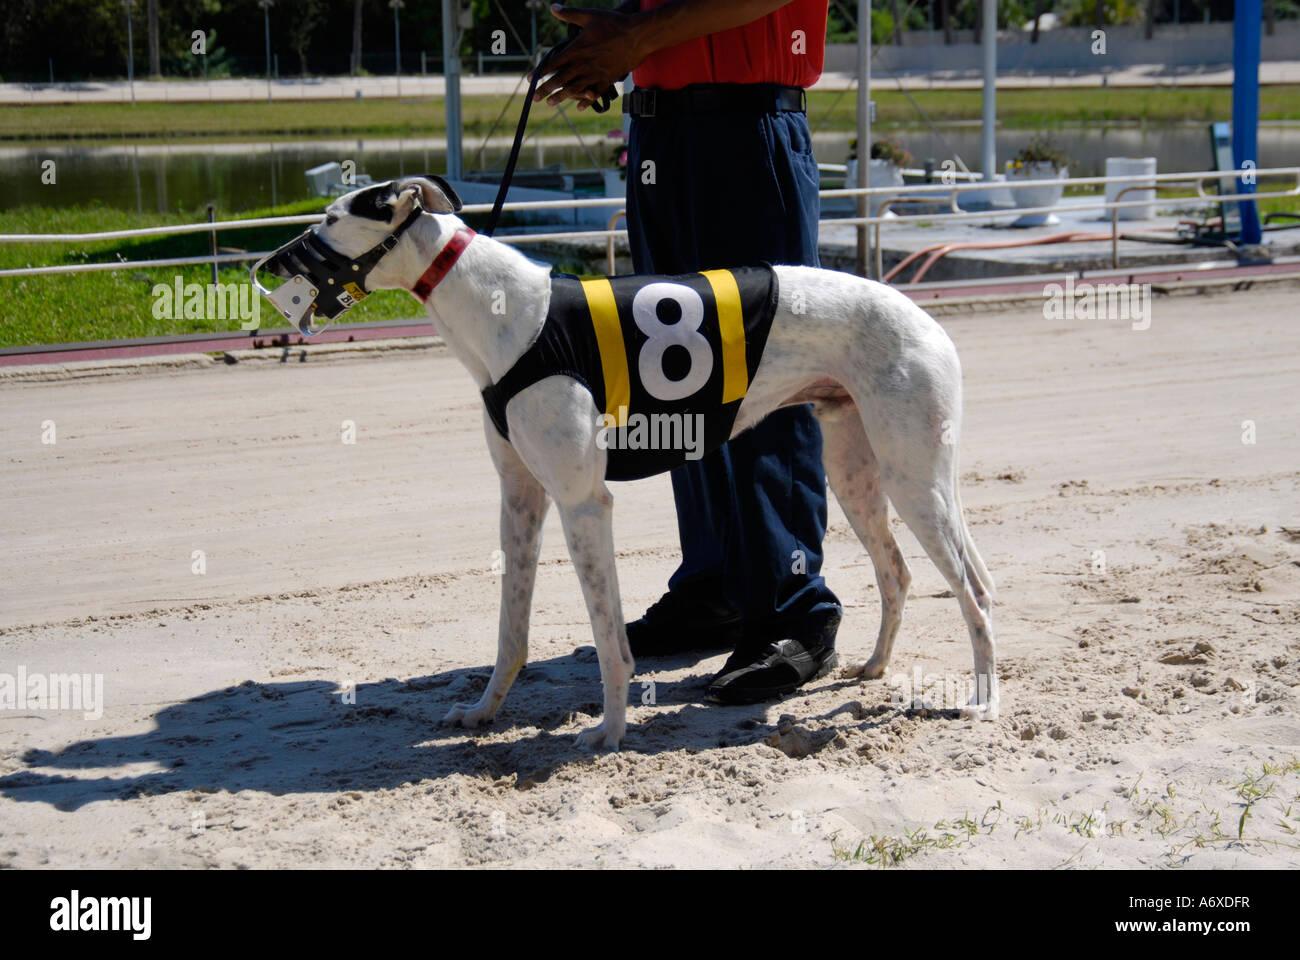 Greyhound dog racing at the Sarasota Florida FL Kennel Club - Stock Image